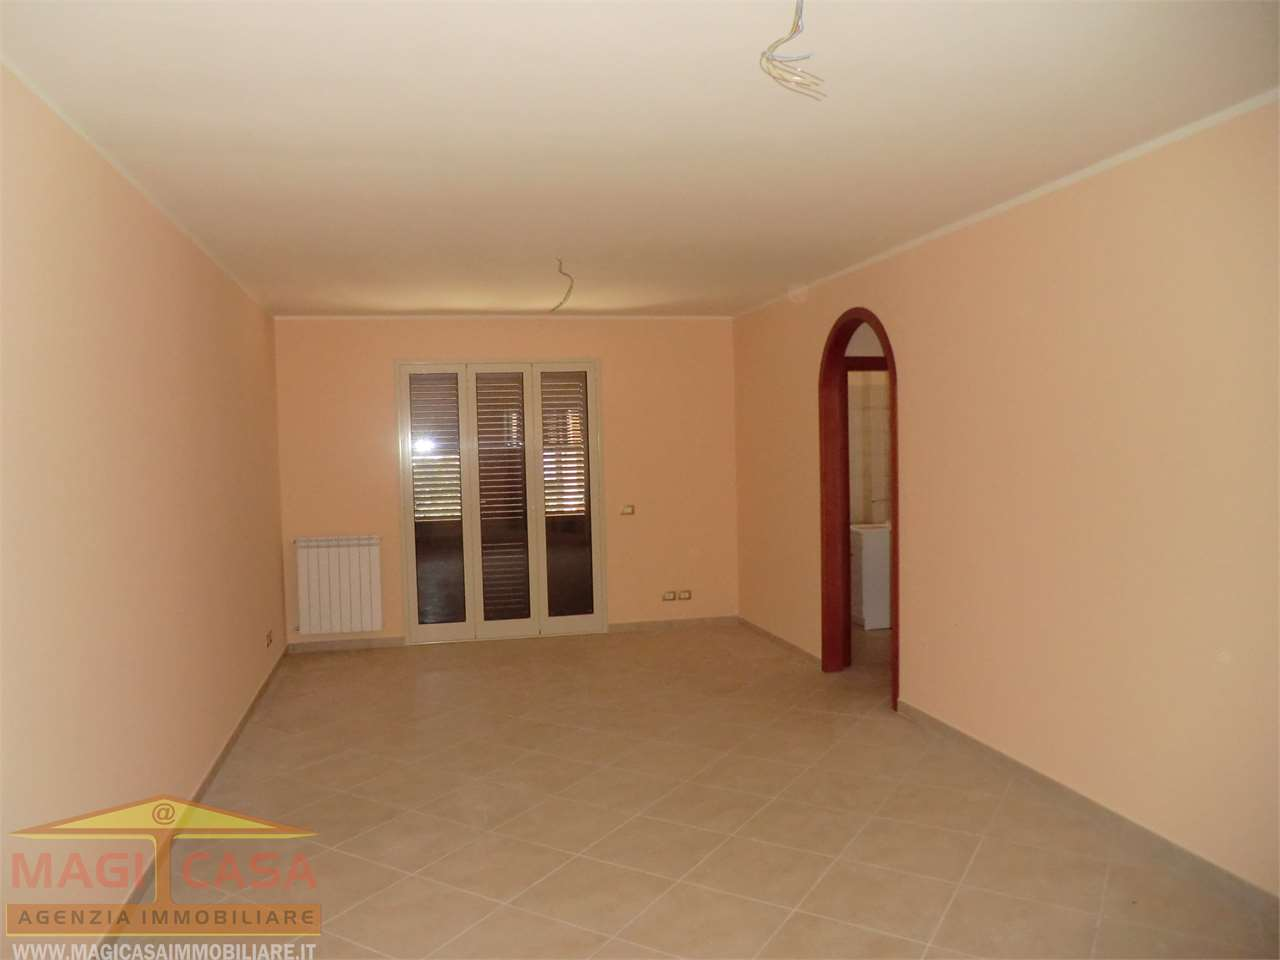 Appartamento Camporotondo Etneo 42